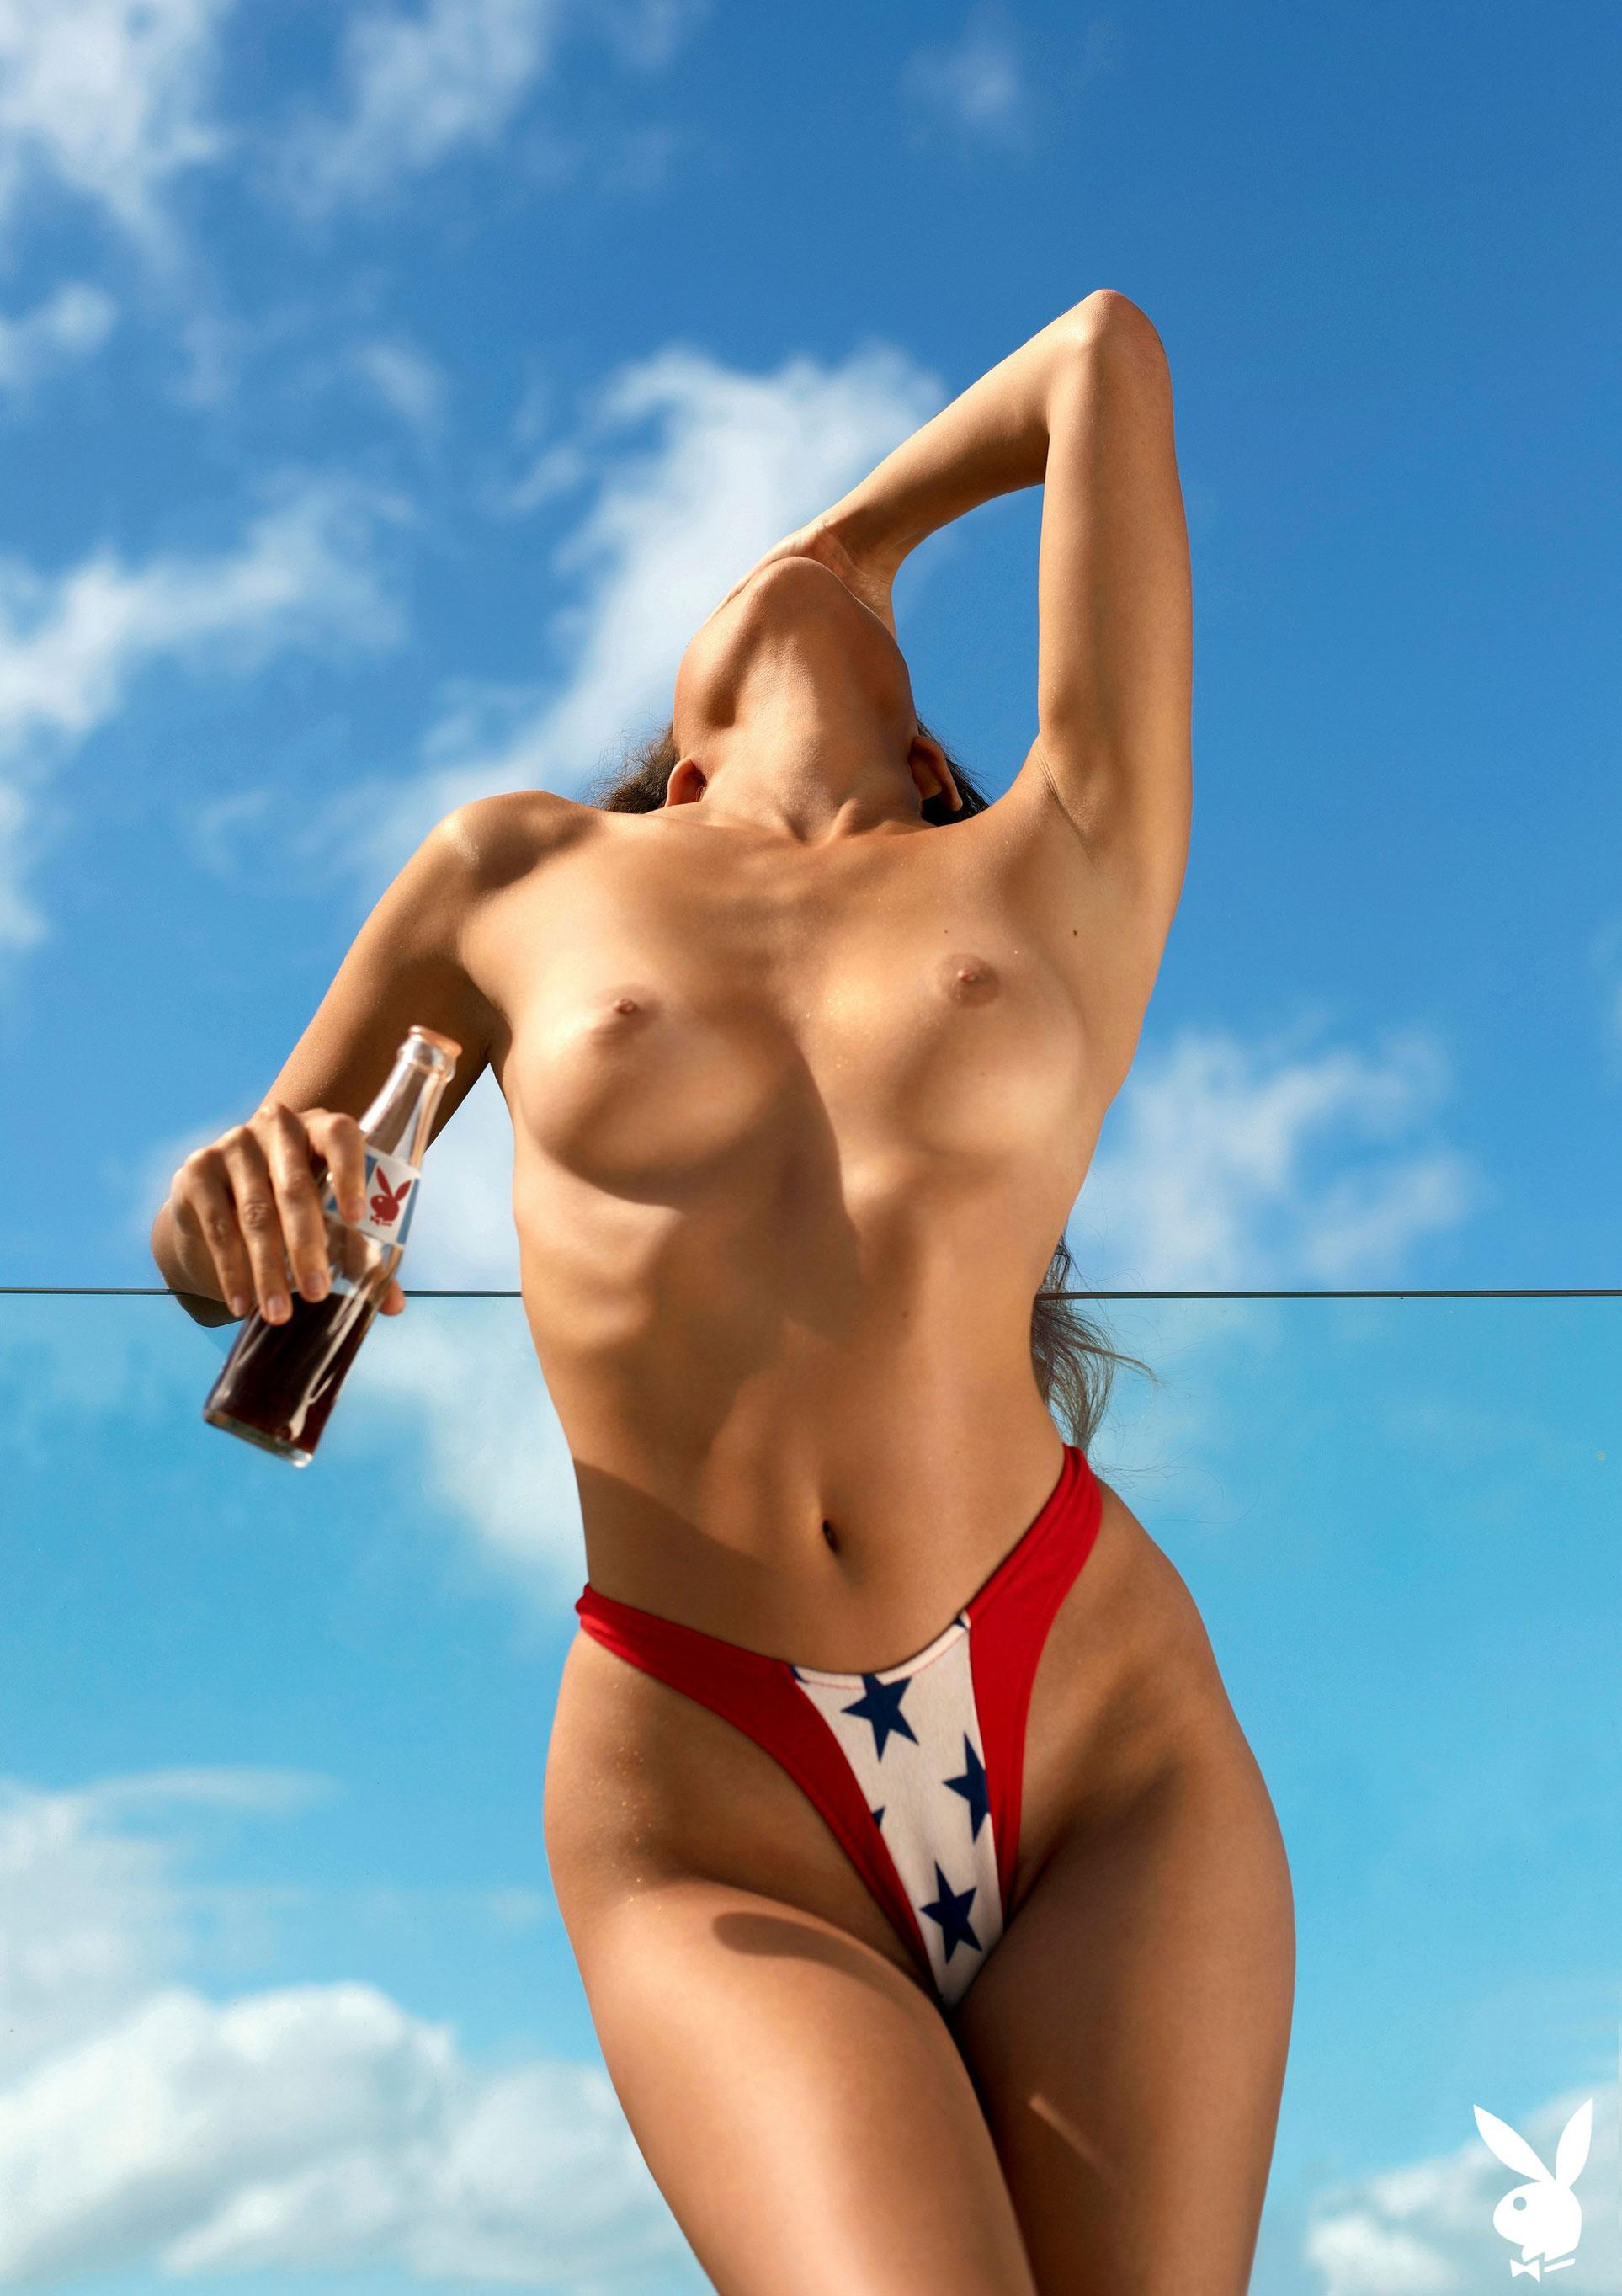 Мисс Июнь 2019 американского Playboy Йоли Лара / фото 09